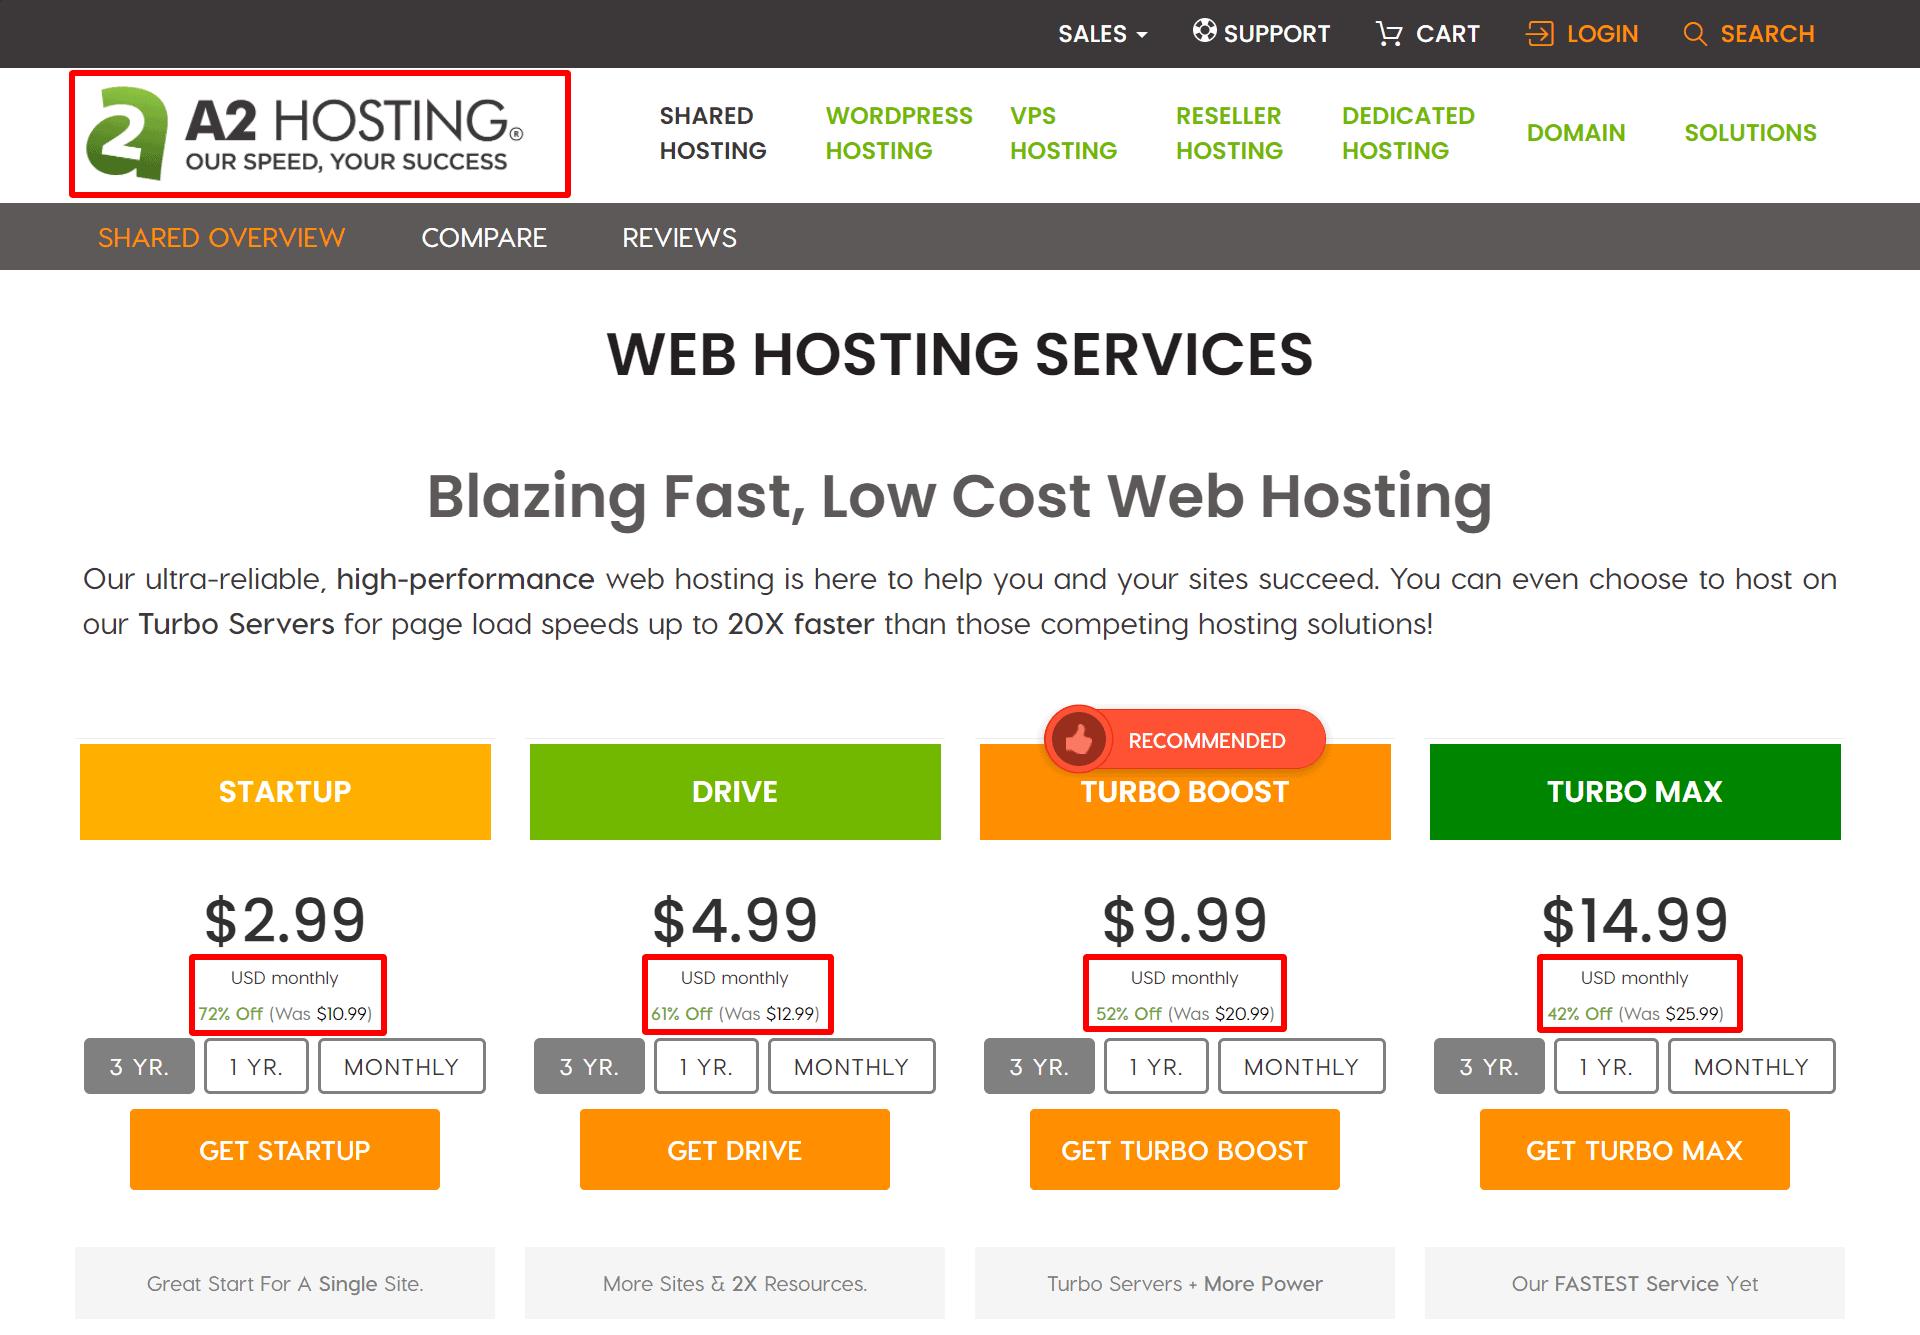 Web-Hosting-Services-2021-s-BEST-Shared-Hosting